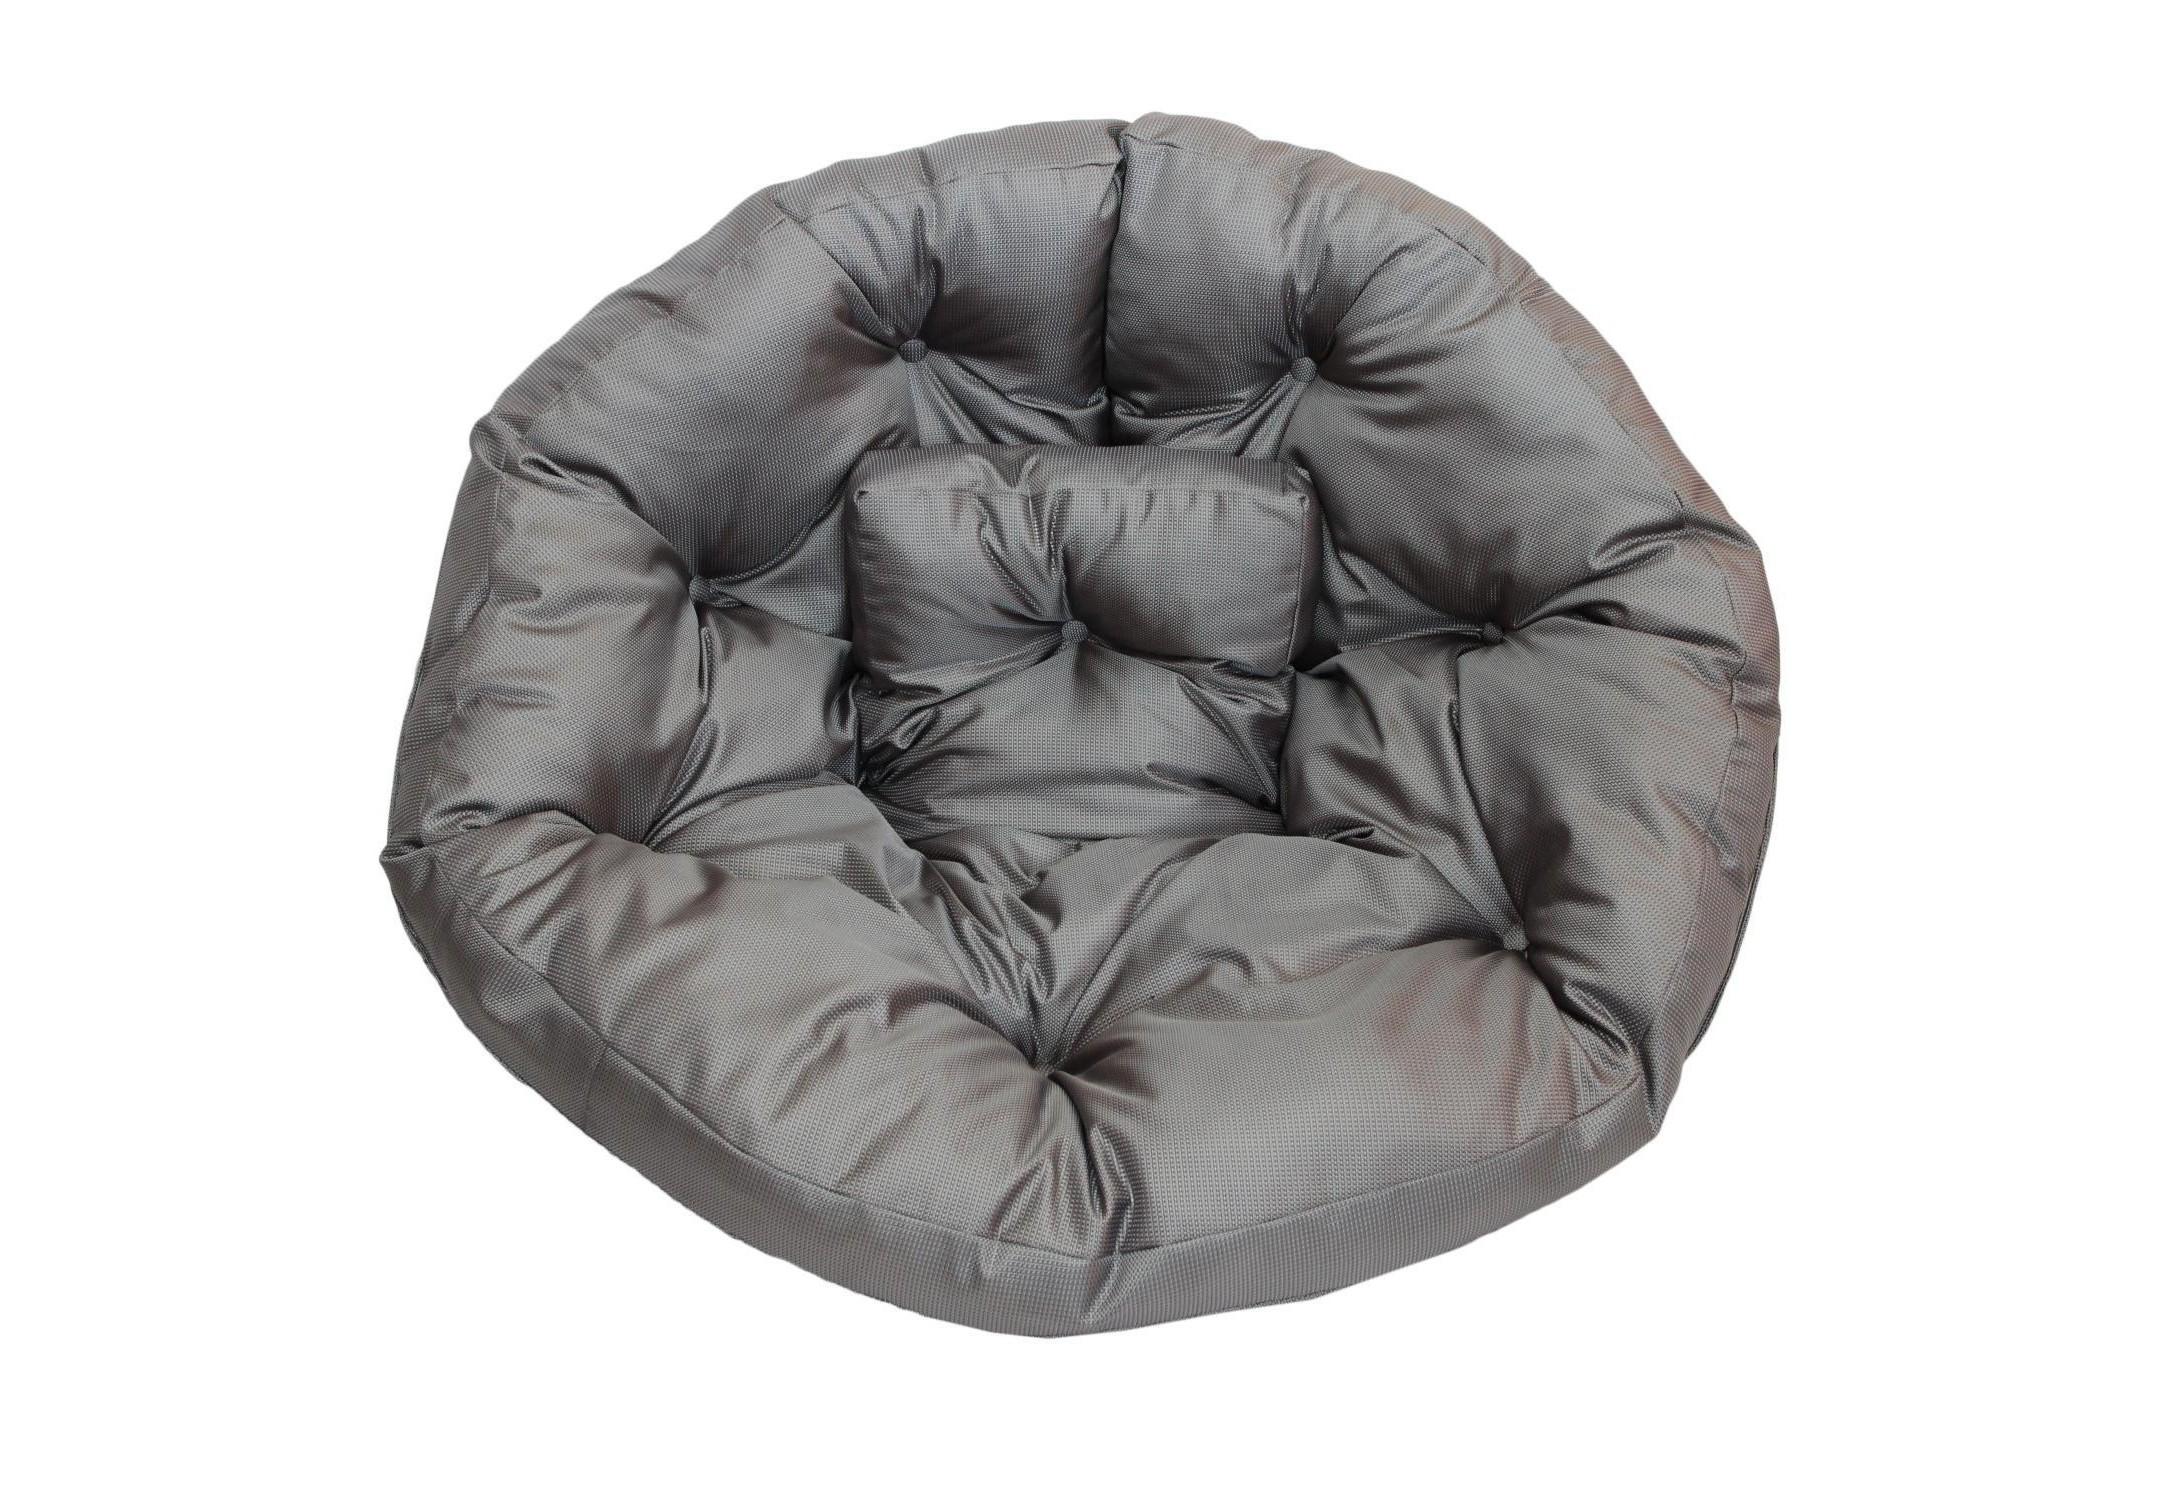 Кресло-футон  SilverКресла-мешки<br>Кресло-футон станет функциональной частью вашего интерьера, как дома, так и на улице. Вы можете уютно разместиться  в кресле или с легкостью превратить его в очень мягкий матрас-футон. Так же при помощи липучек вы можете соединить два футона и сделать один большой матрас для загара под солнцем или отдыха дома. Кресло сшито из очень плотной ткани с водооталкивающим покрытием с внешней стороны, поэтому идеально подойтет для уличного декора.При загрязнении его достаточно протереть мокрой салфеткой.<br><br>Material: Текстиль<br>Length см: None<br>Width см: 200<br>Depth см: 100<br>Height см: 10